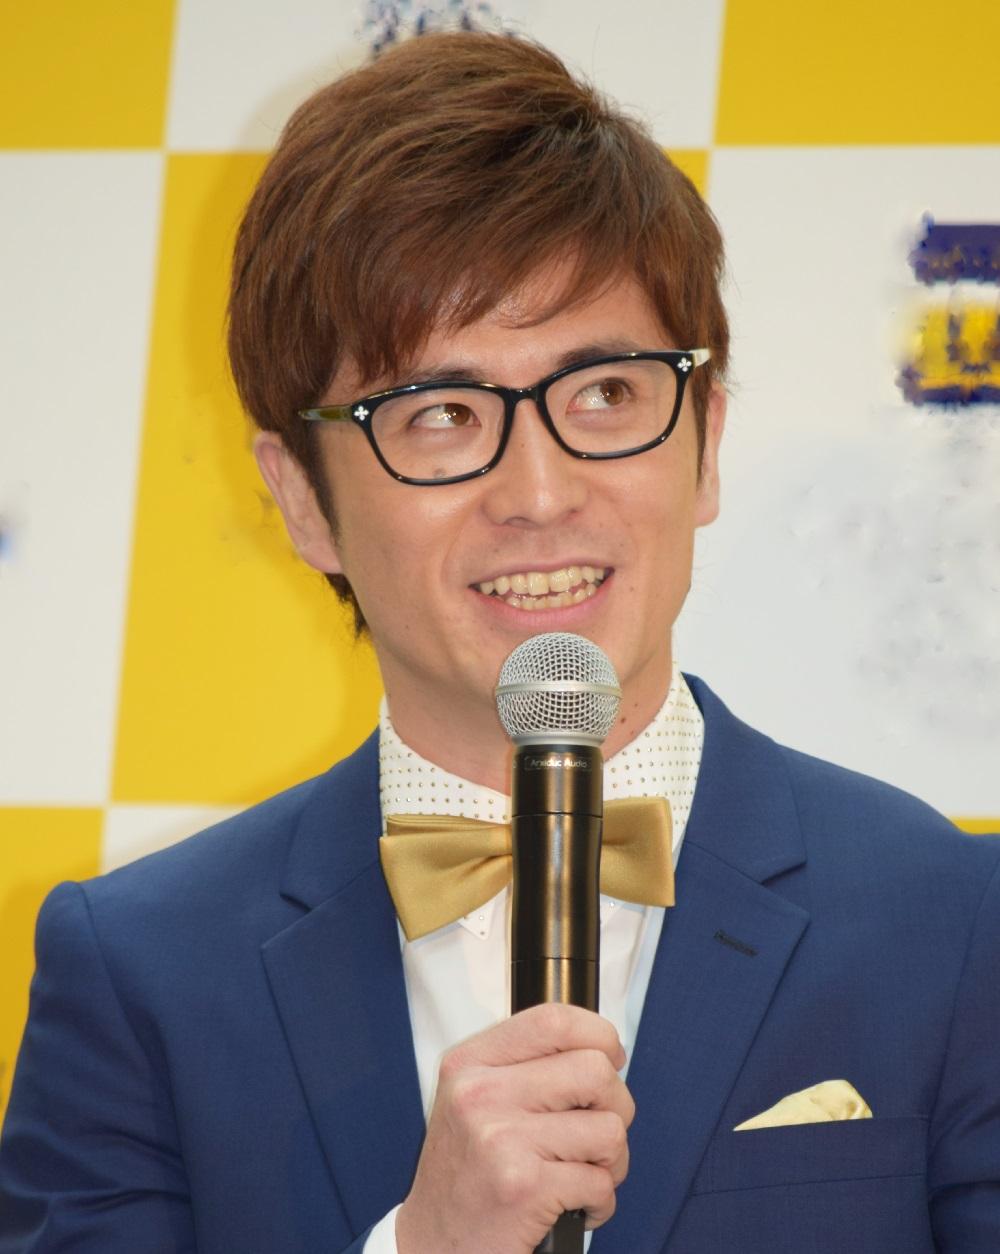 藤森慎吾「チャラ男はやっぱいいな~」とも